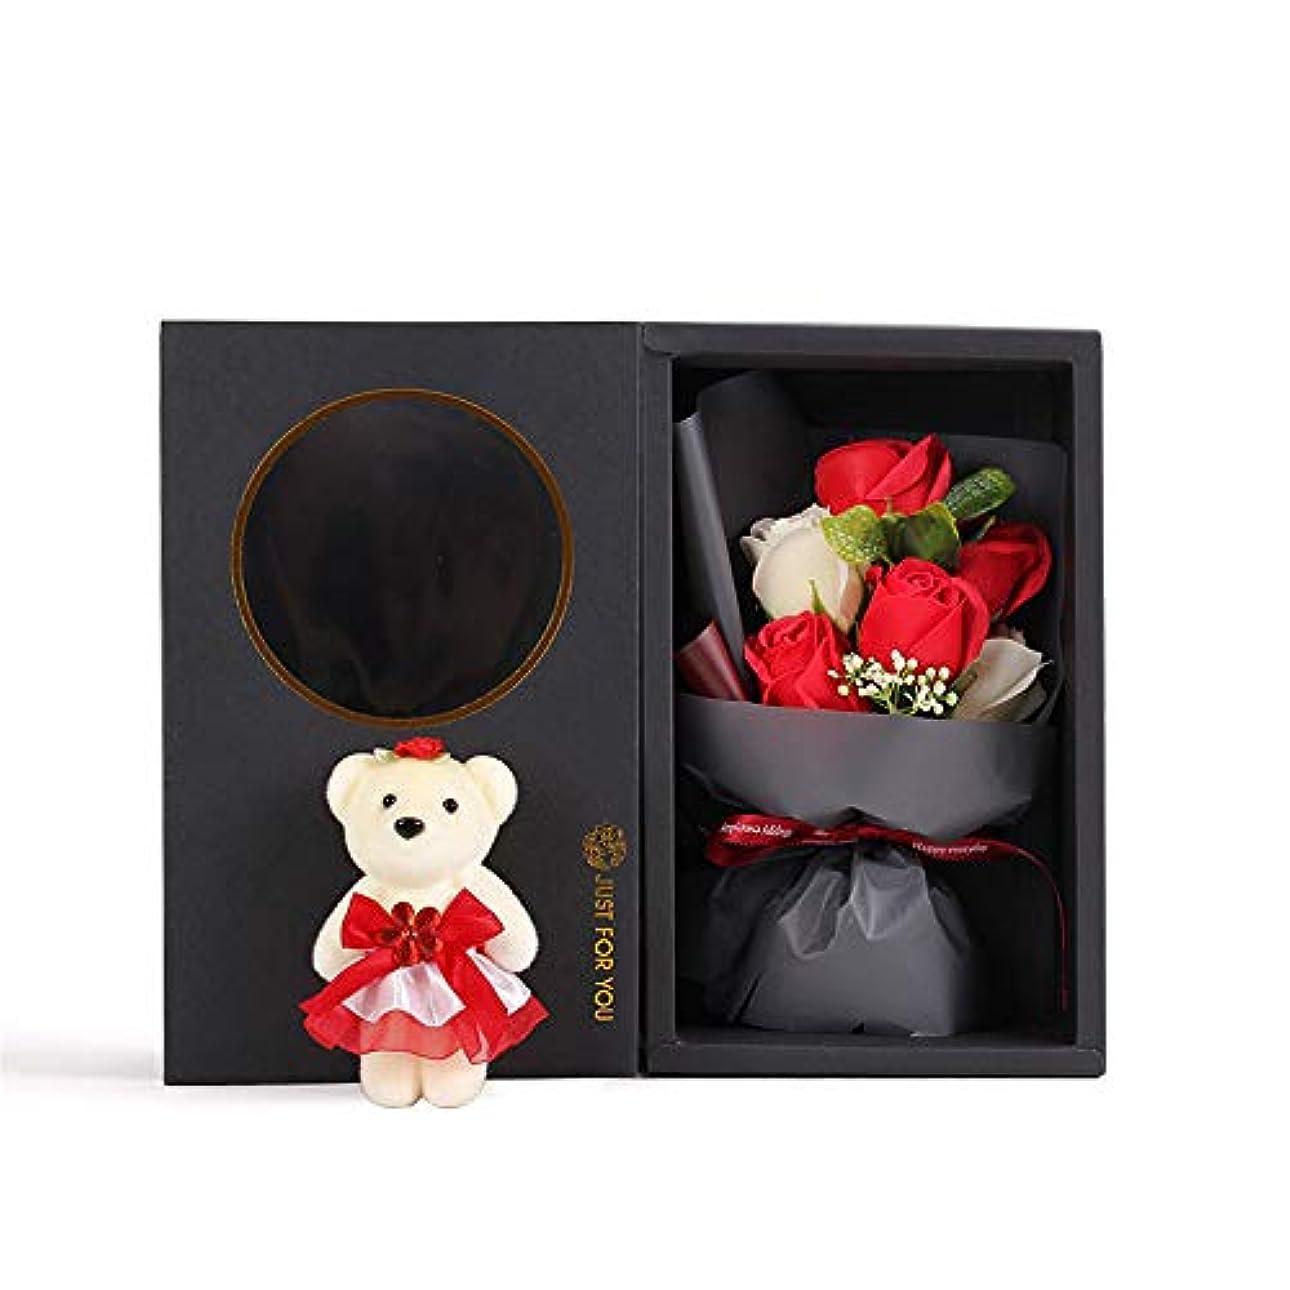 アイドル警告血統手作り6石鹸花の花束ギフトボックス、女性のためのギフトあなたがバレンタインデー、母の日、結婚式、クリスマス、誕生日を愛した女の子(ベアカラーランダム) (色 : 赤)